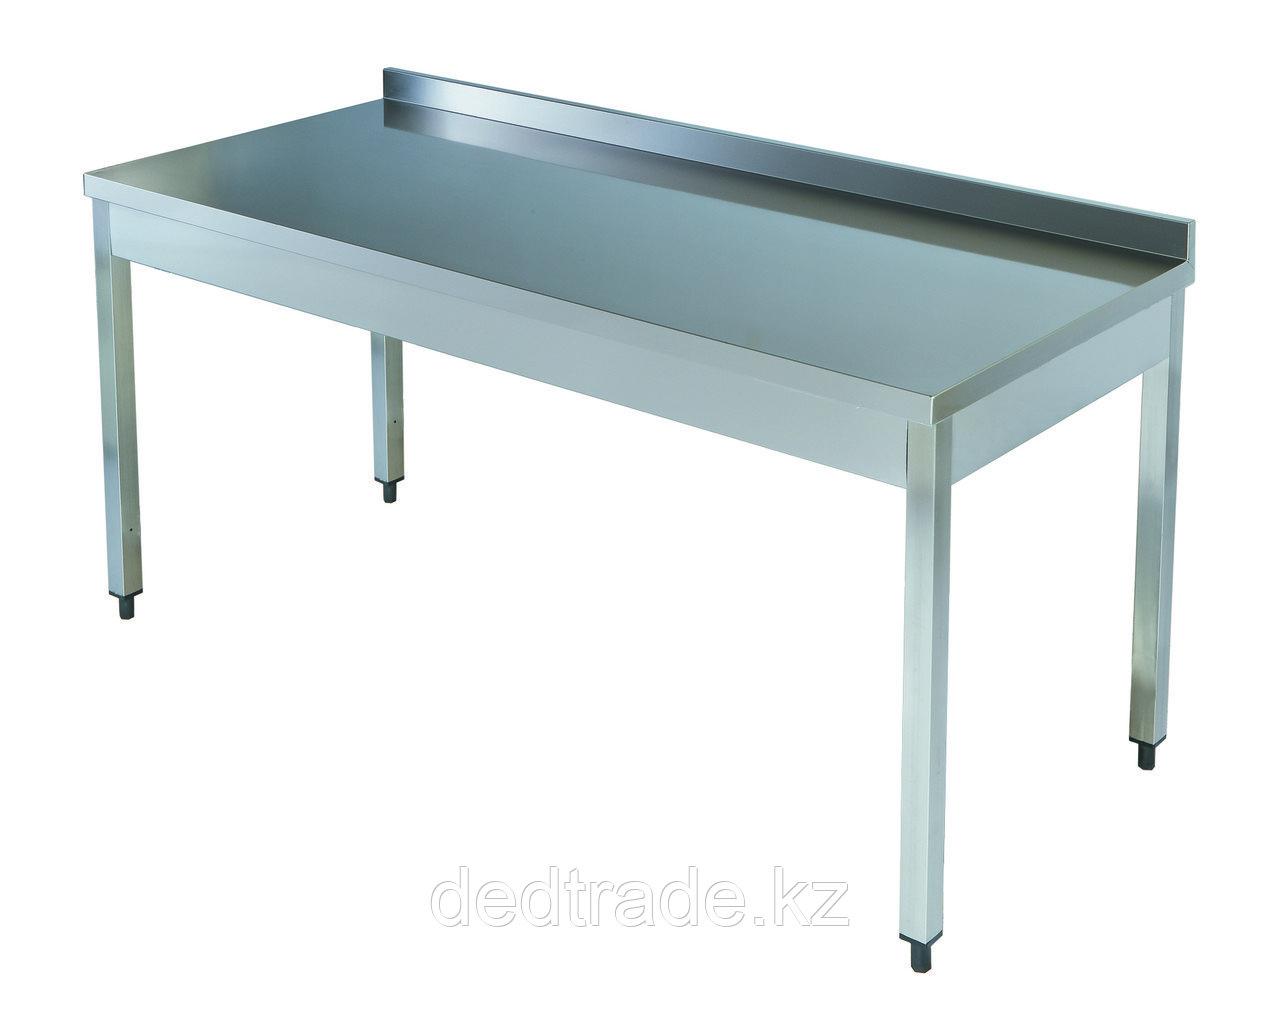 Рабочий стол без полки нержавеющая сталь Размеры 1200*700*850 мм